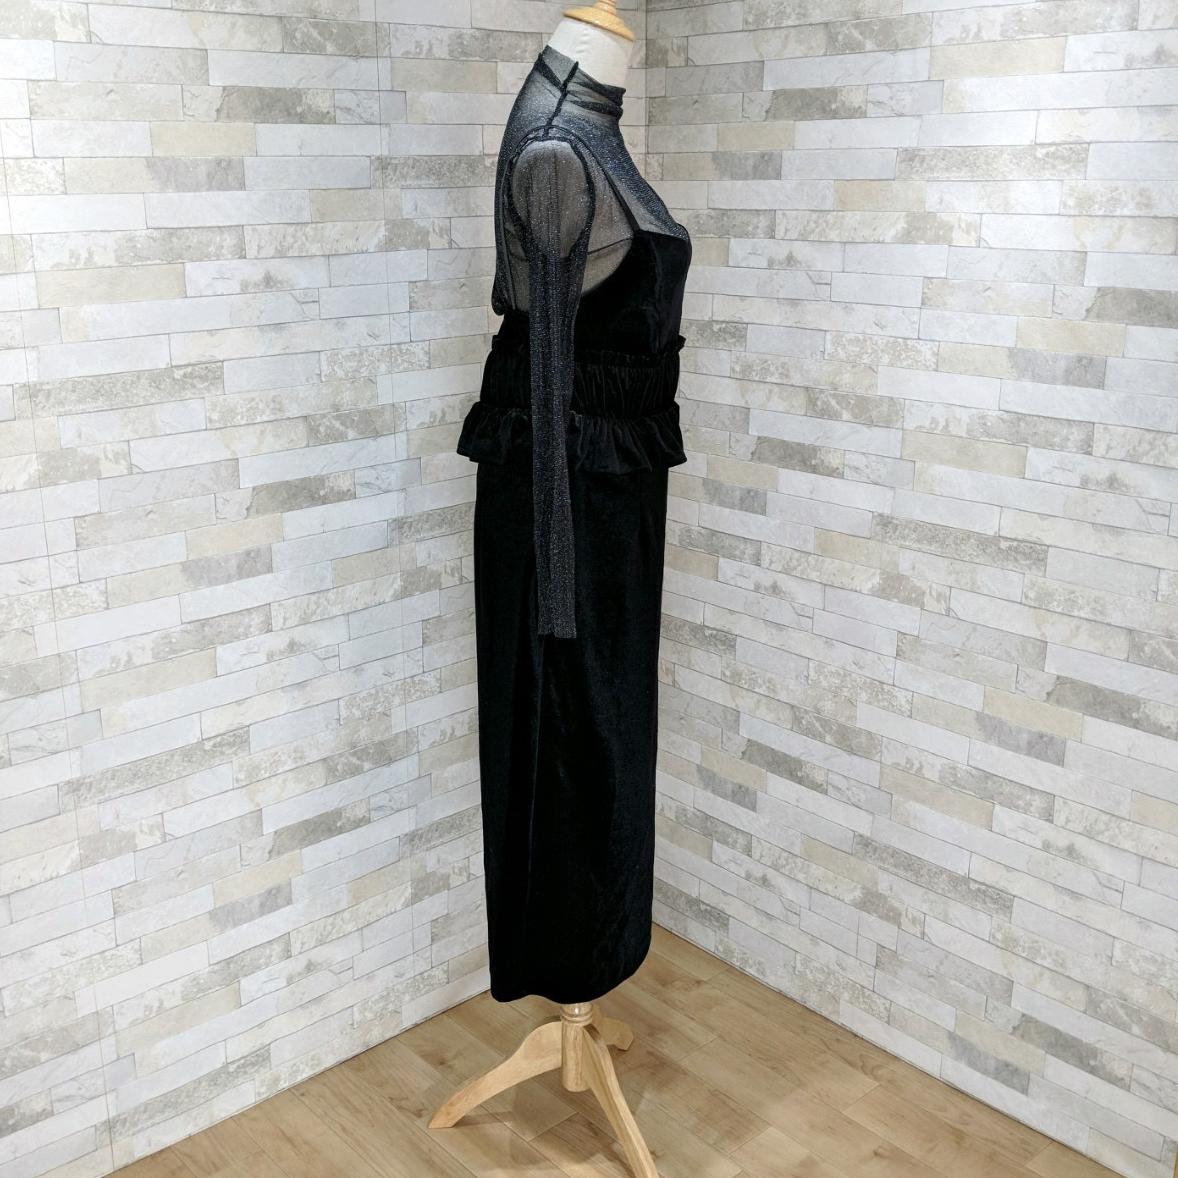 【即納】韓国 ファッション パーティードレス 結婚式 お呼ばれドレス セットアップ 春 秋 冬 パーティー ブライダル SPTXG169  シースルー ラメ ペプラム タイト 二次会 セレブ きれいめの写真13枚目